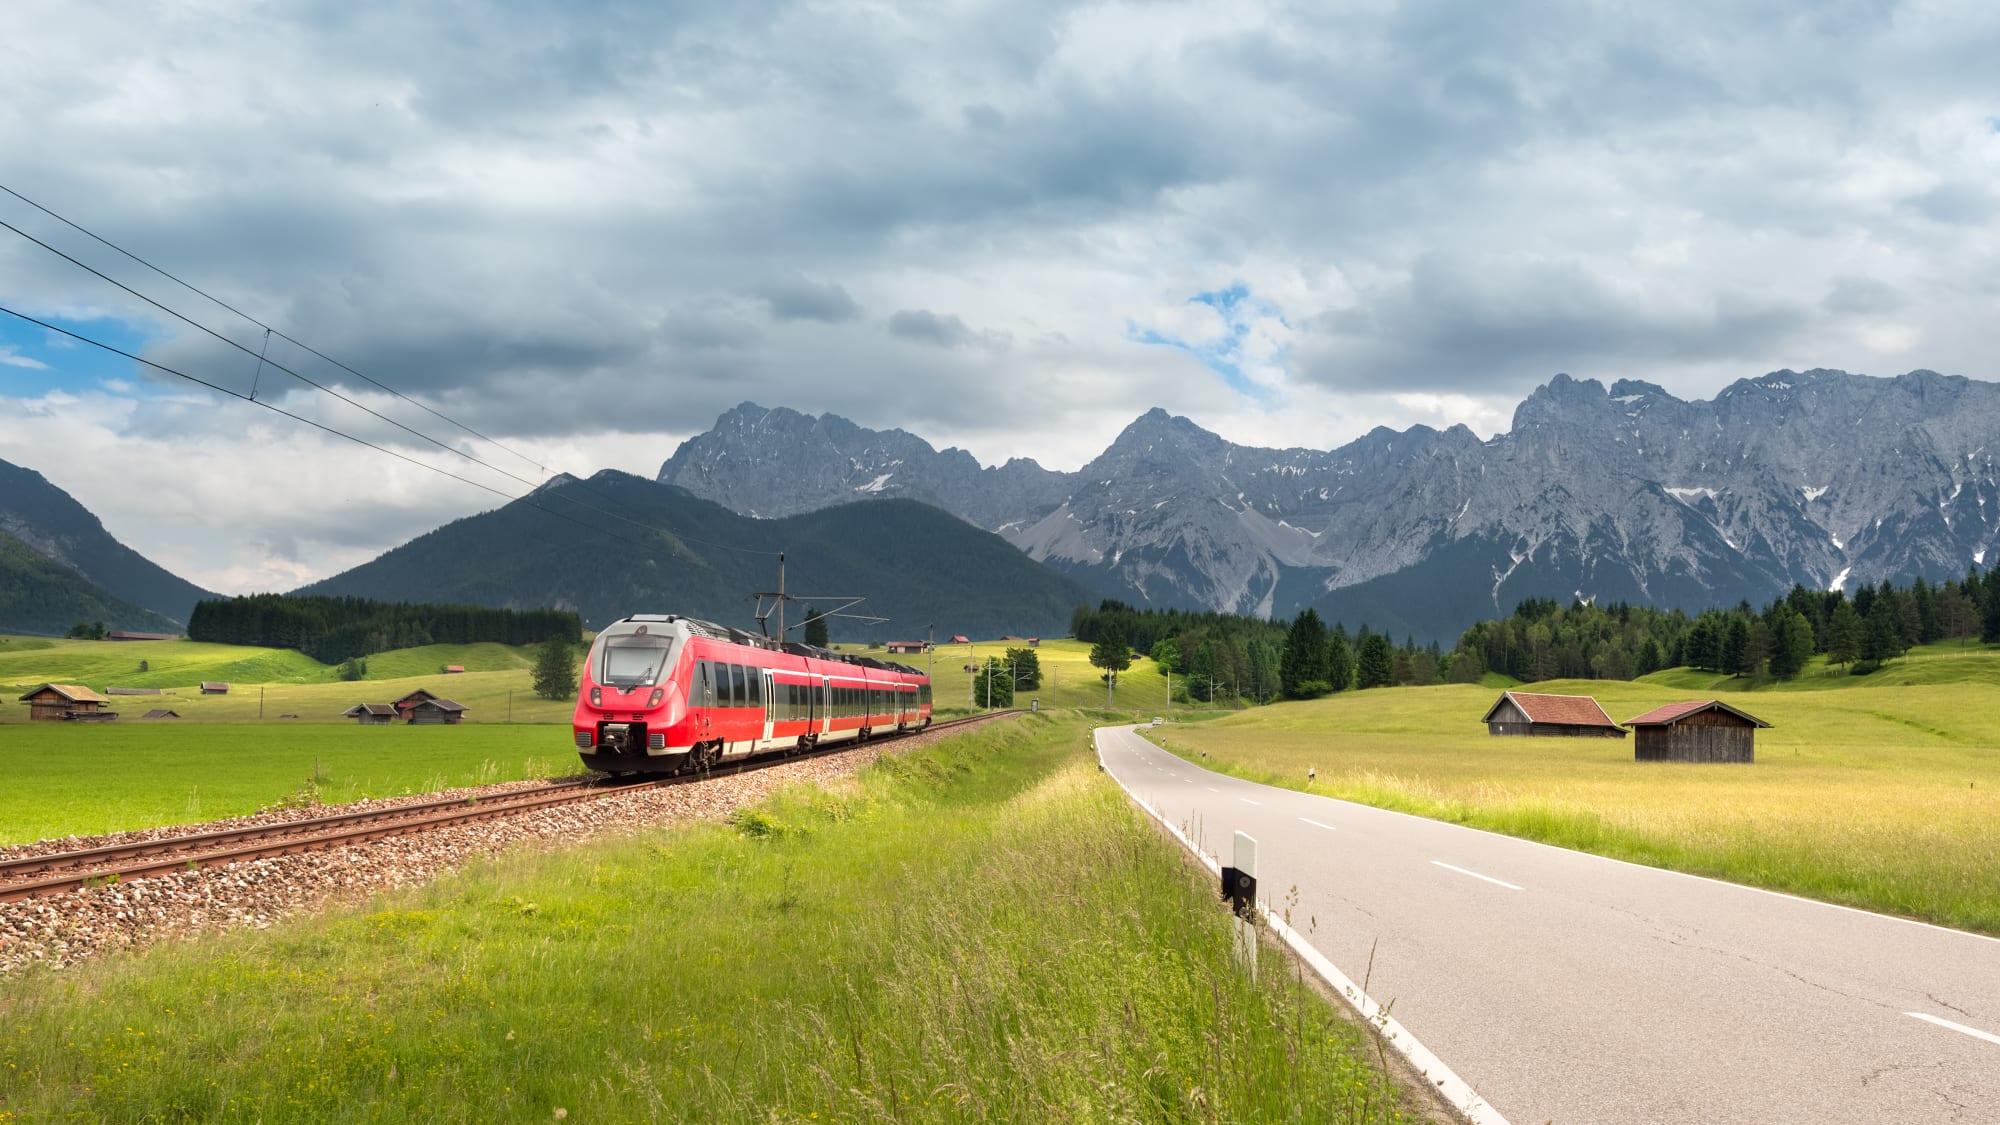 Karwendel Bergpanorama mit modernem Zug im Vordergrund des Bildes bei Mittenwald